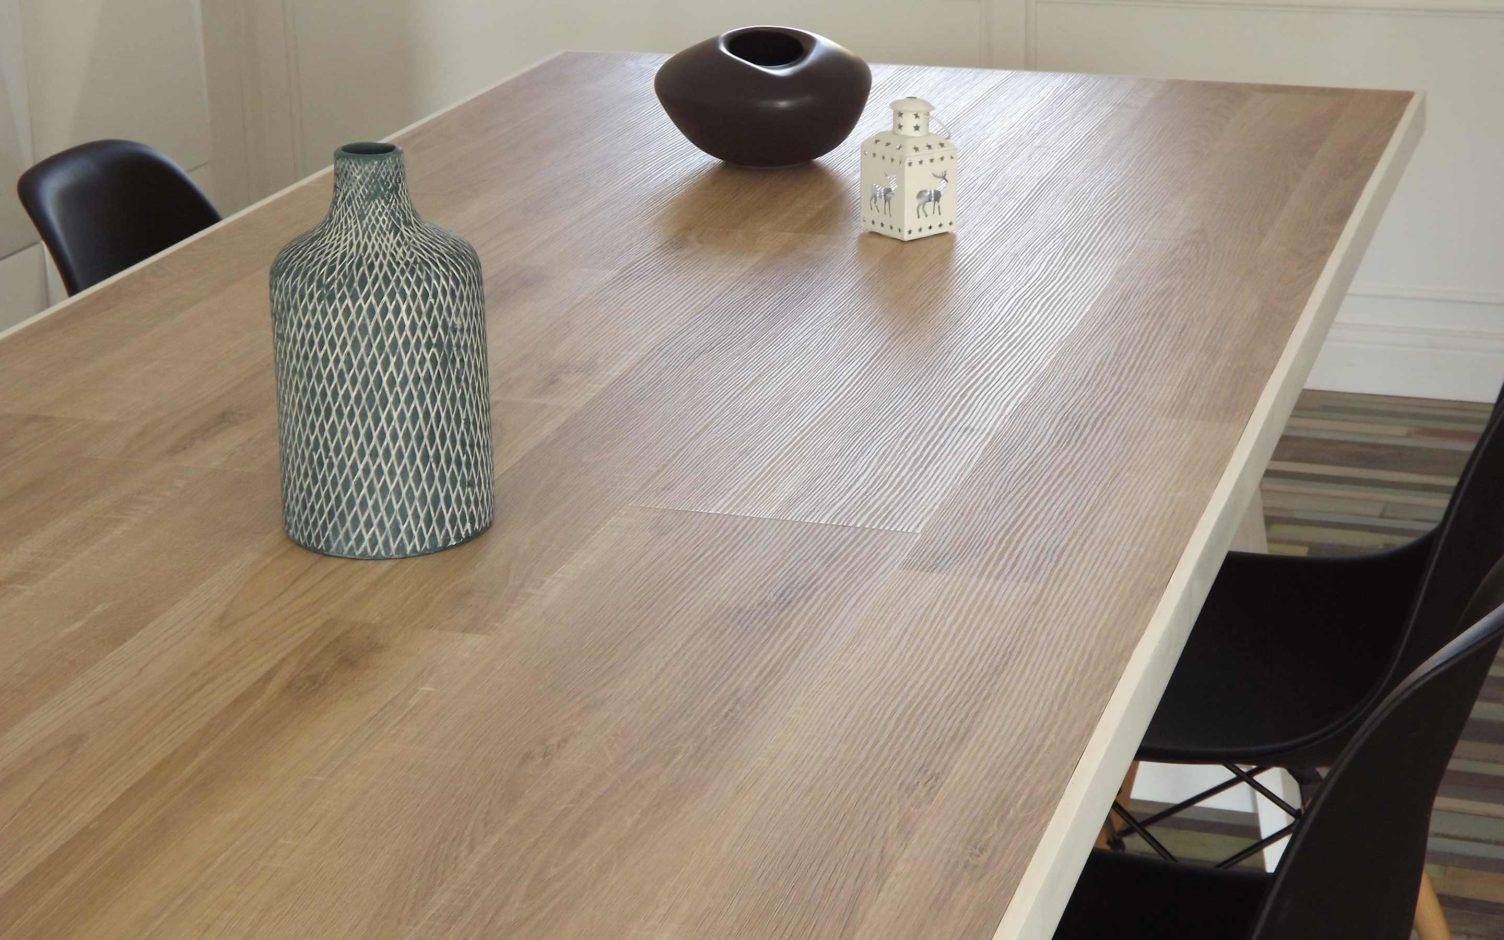 Table de salle à manger en bois avec du parquet stratifié imitation bois et peint en blanc réalisée par By Mehlie